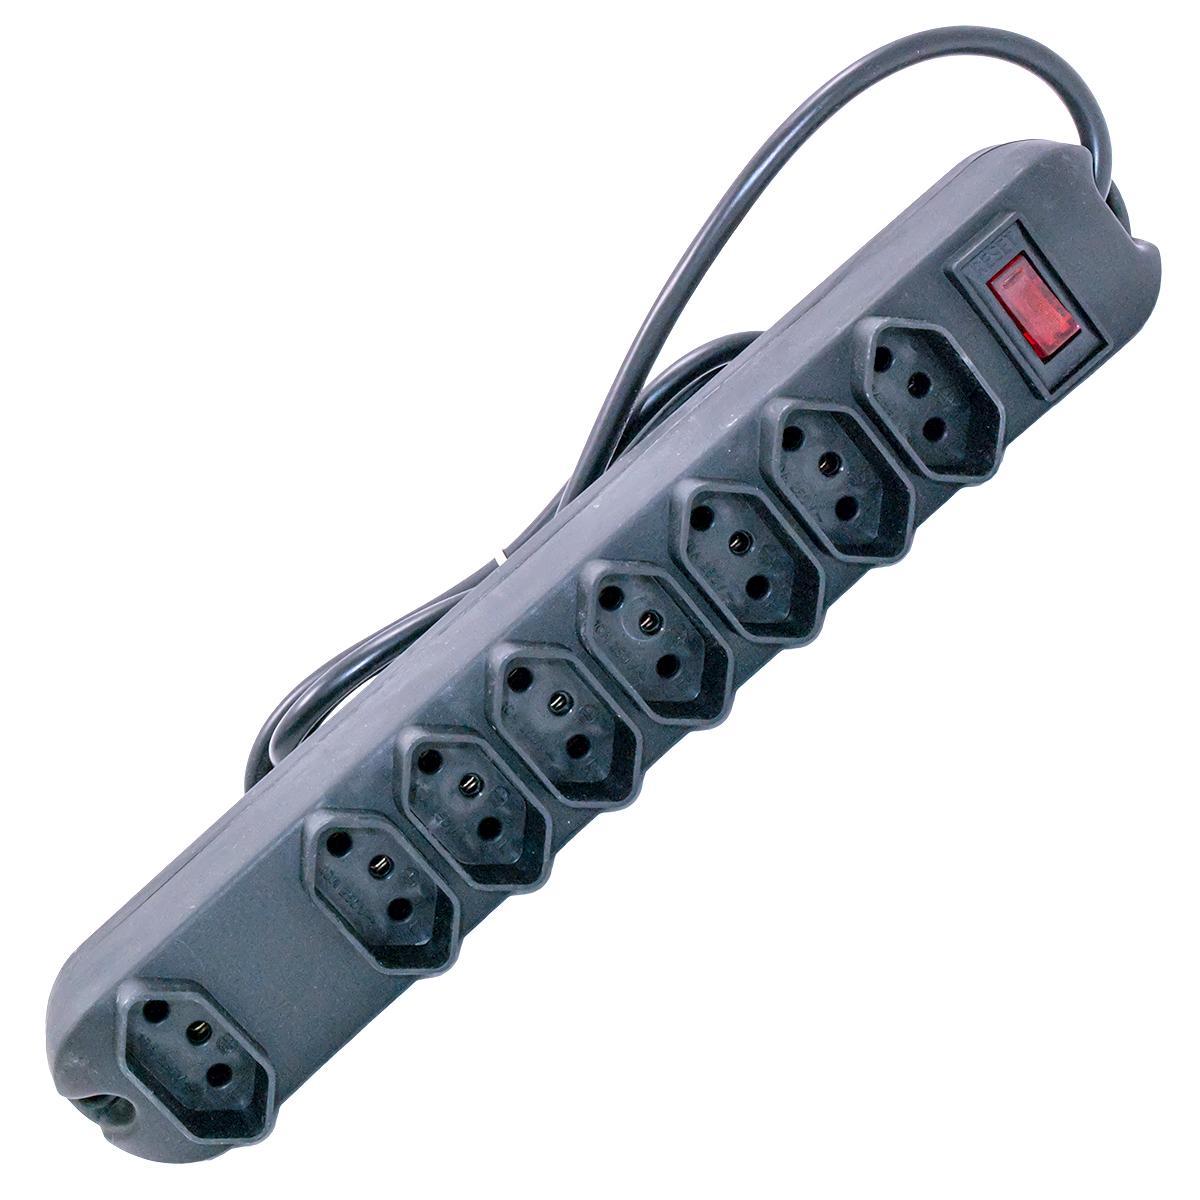 Régua | Protetor Elétrico Preto para 8 Tomadas - Modelo com Disjuntor (Maior Segurança)